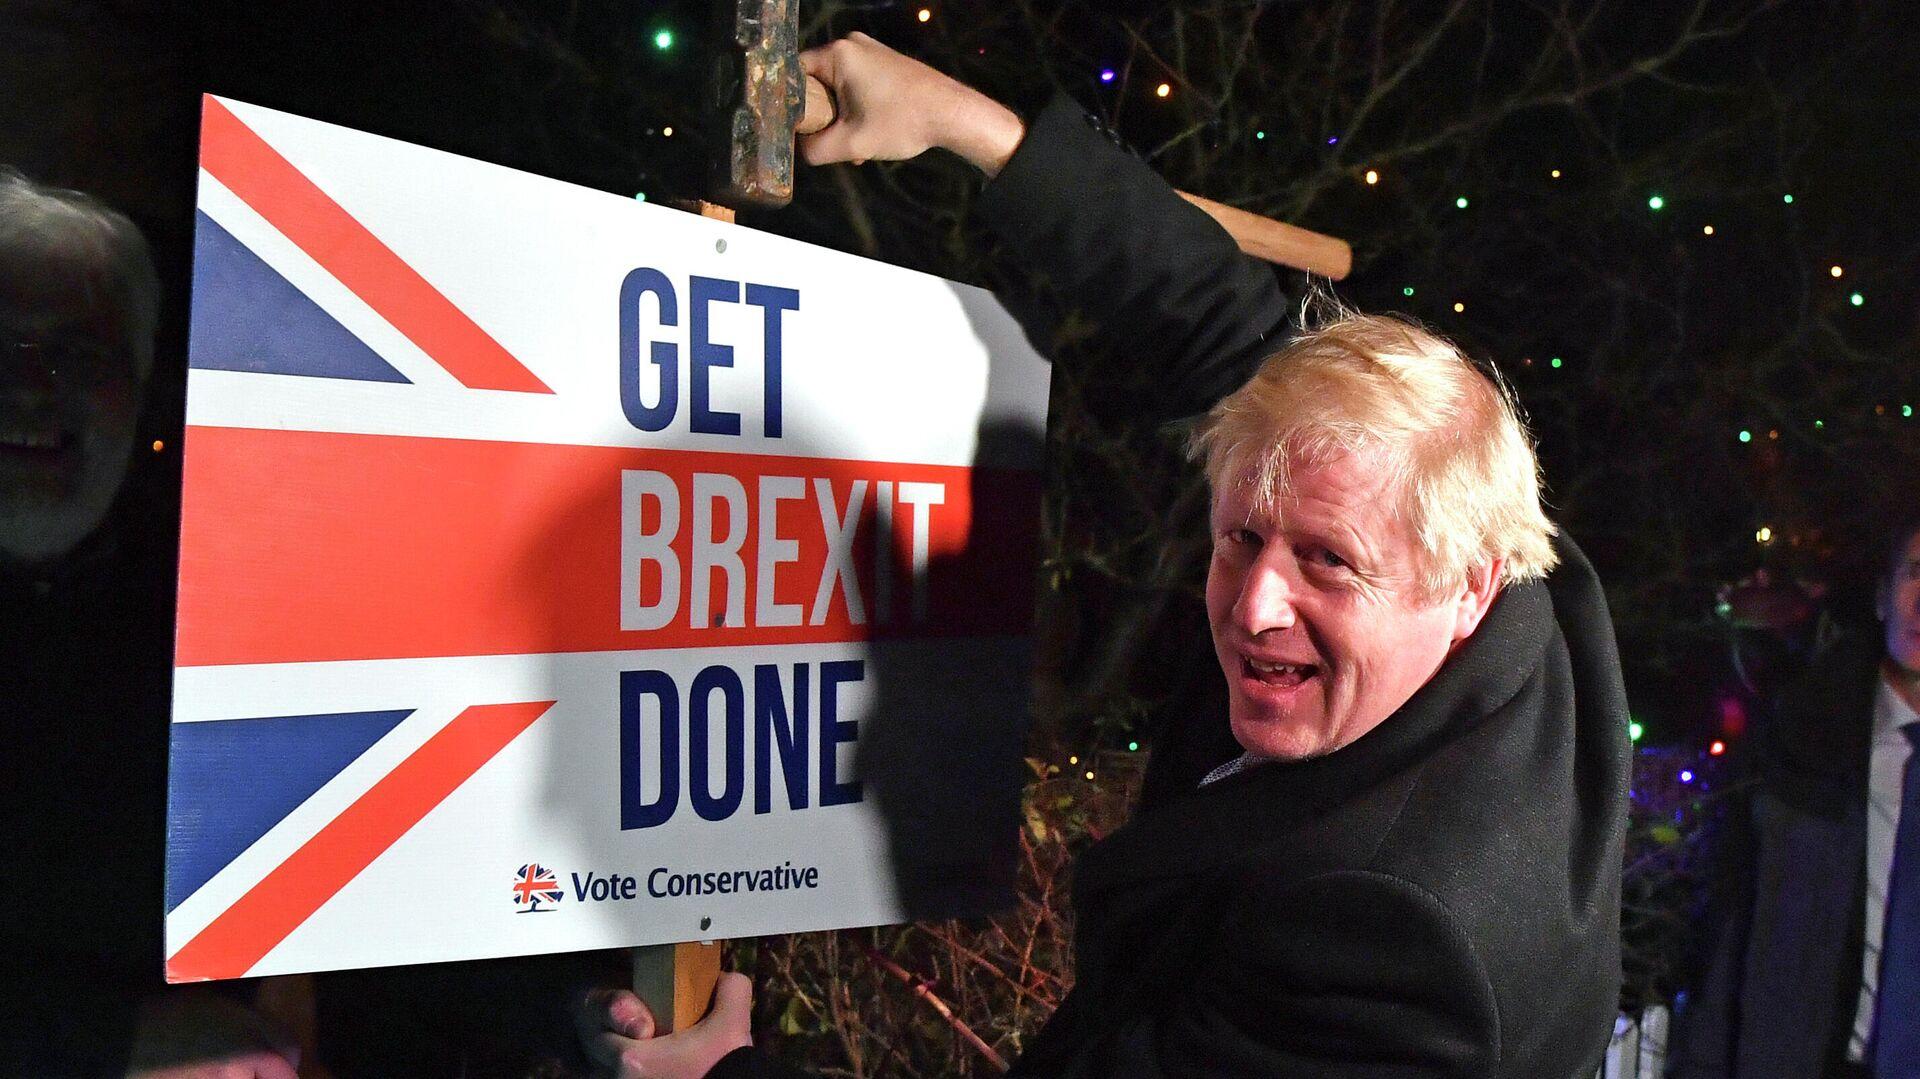 Премьер-министр Великобритании Борис Джонсон с табличкой Get Brexit Done - РИА Новости, 1920, 26.12.2020